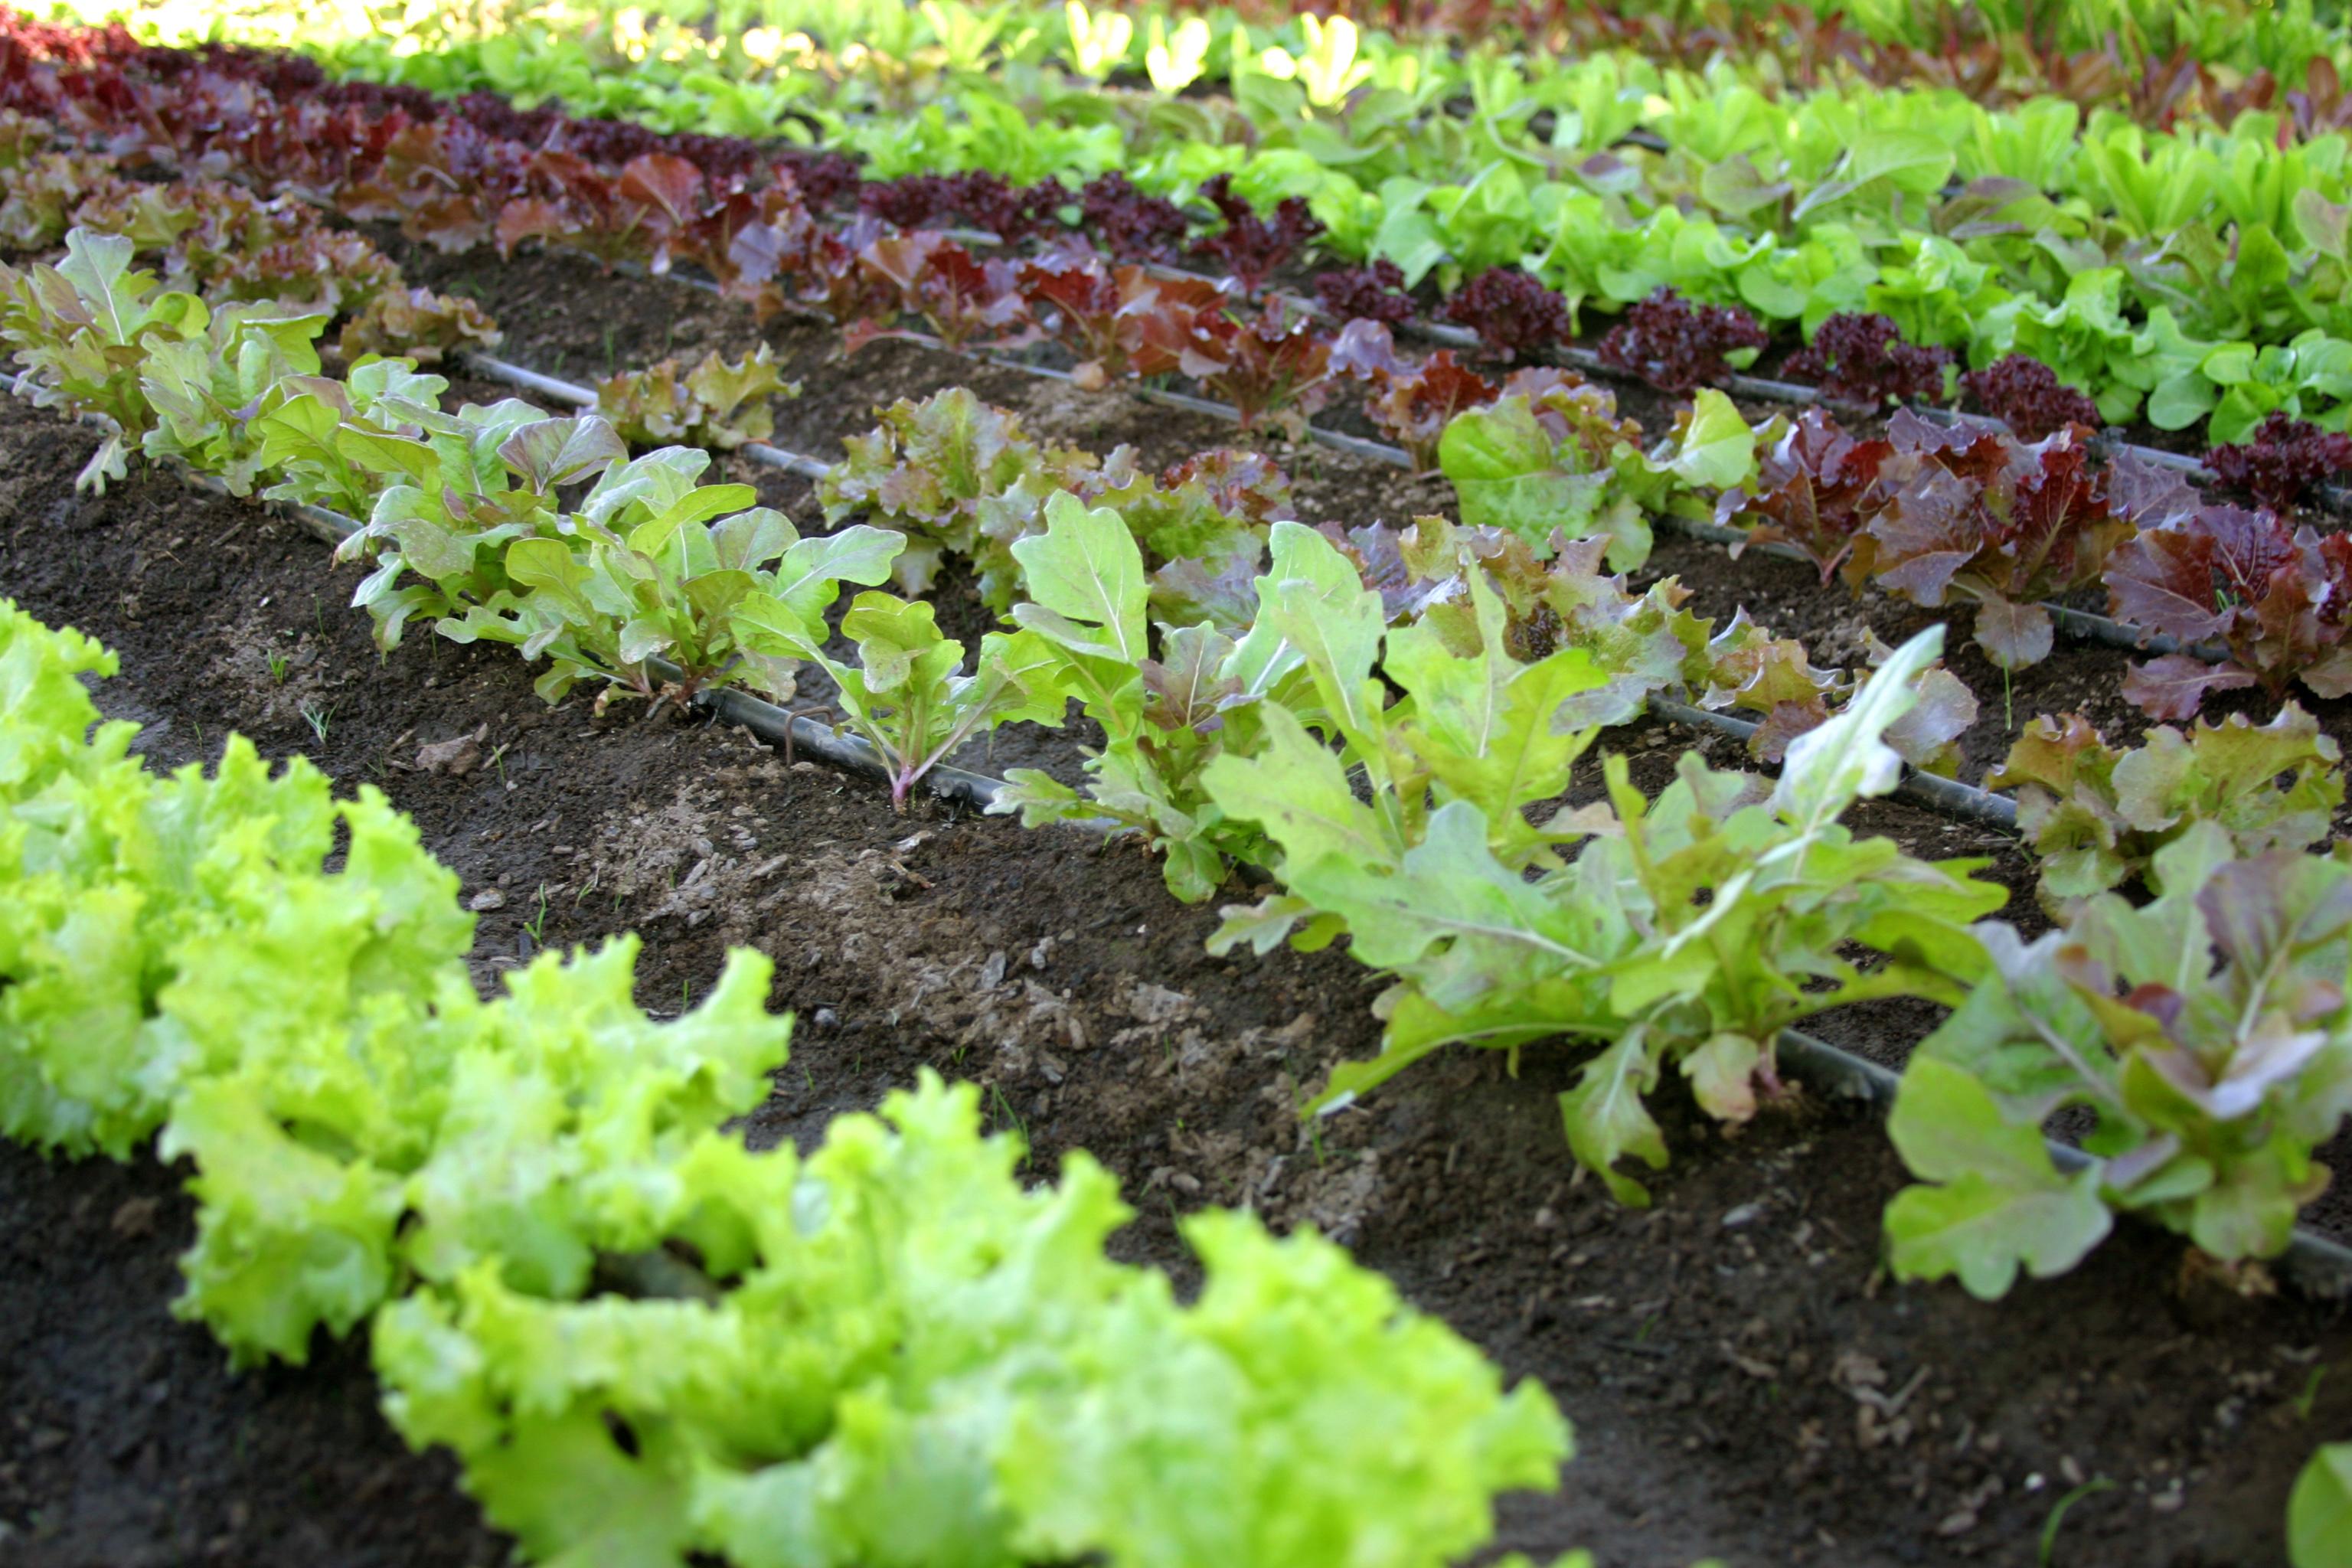 Desktop Gardening, Or Growing Vegetables In Thin Air